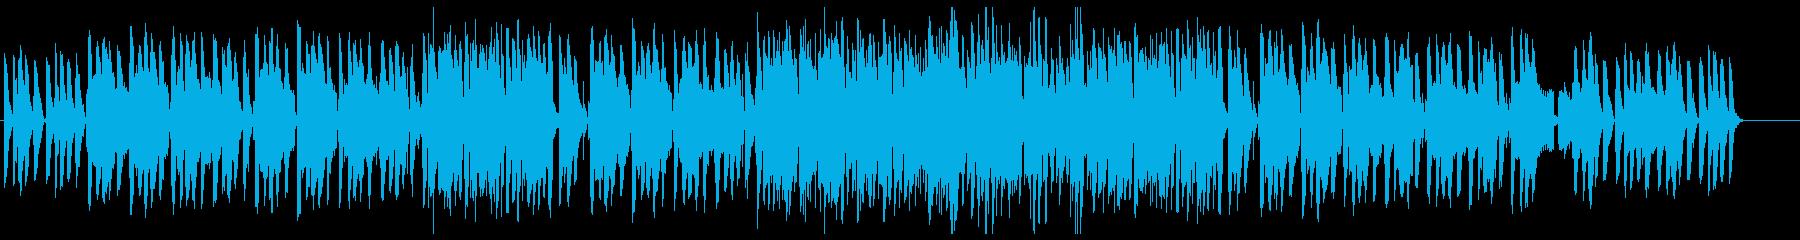 暖かい雰囲気のジャズ(カルテットver)の再生済みの波形